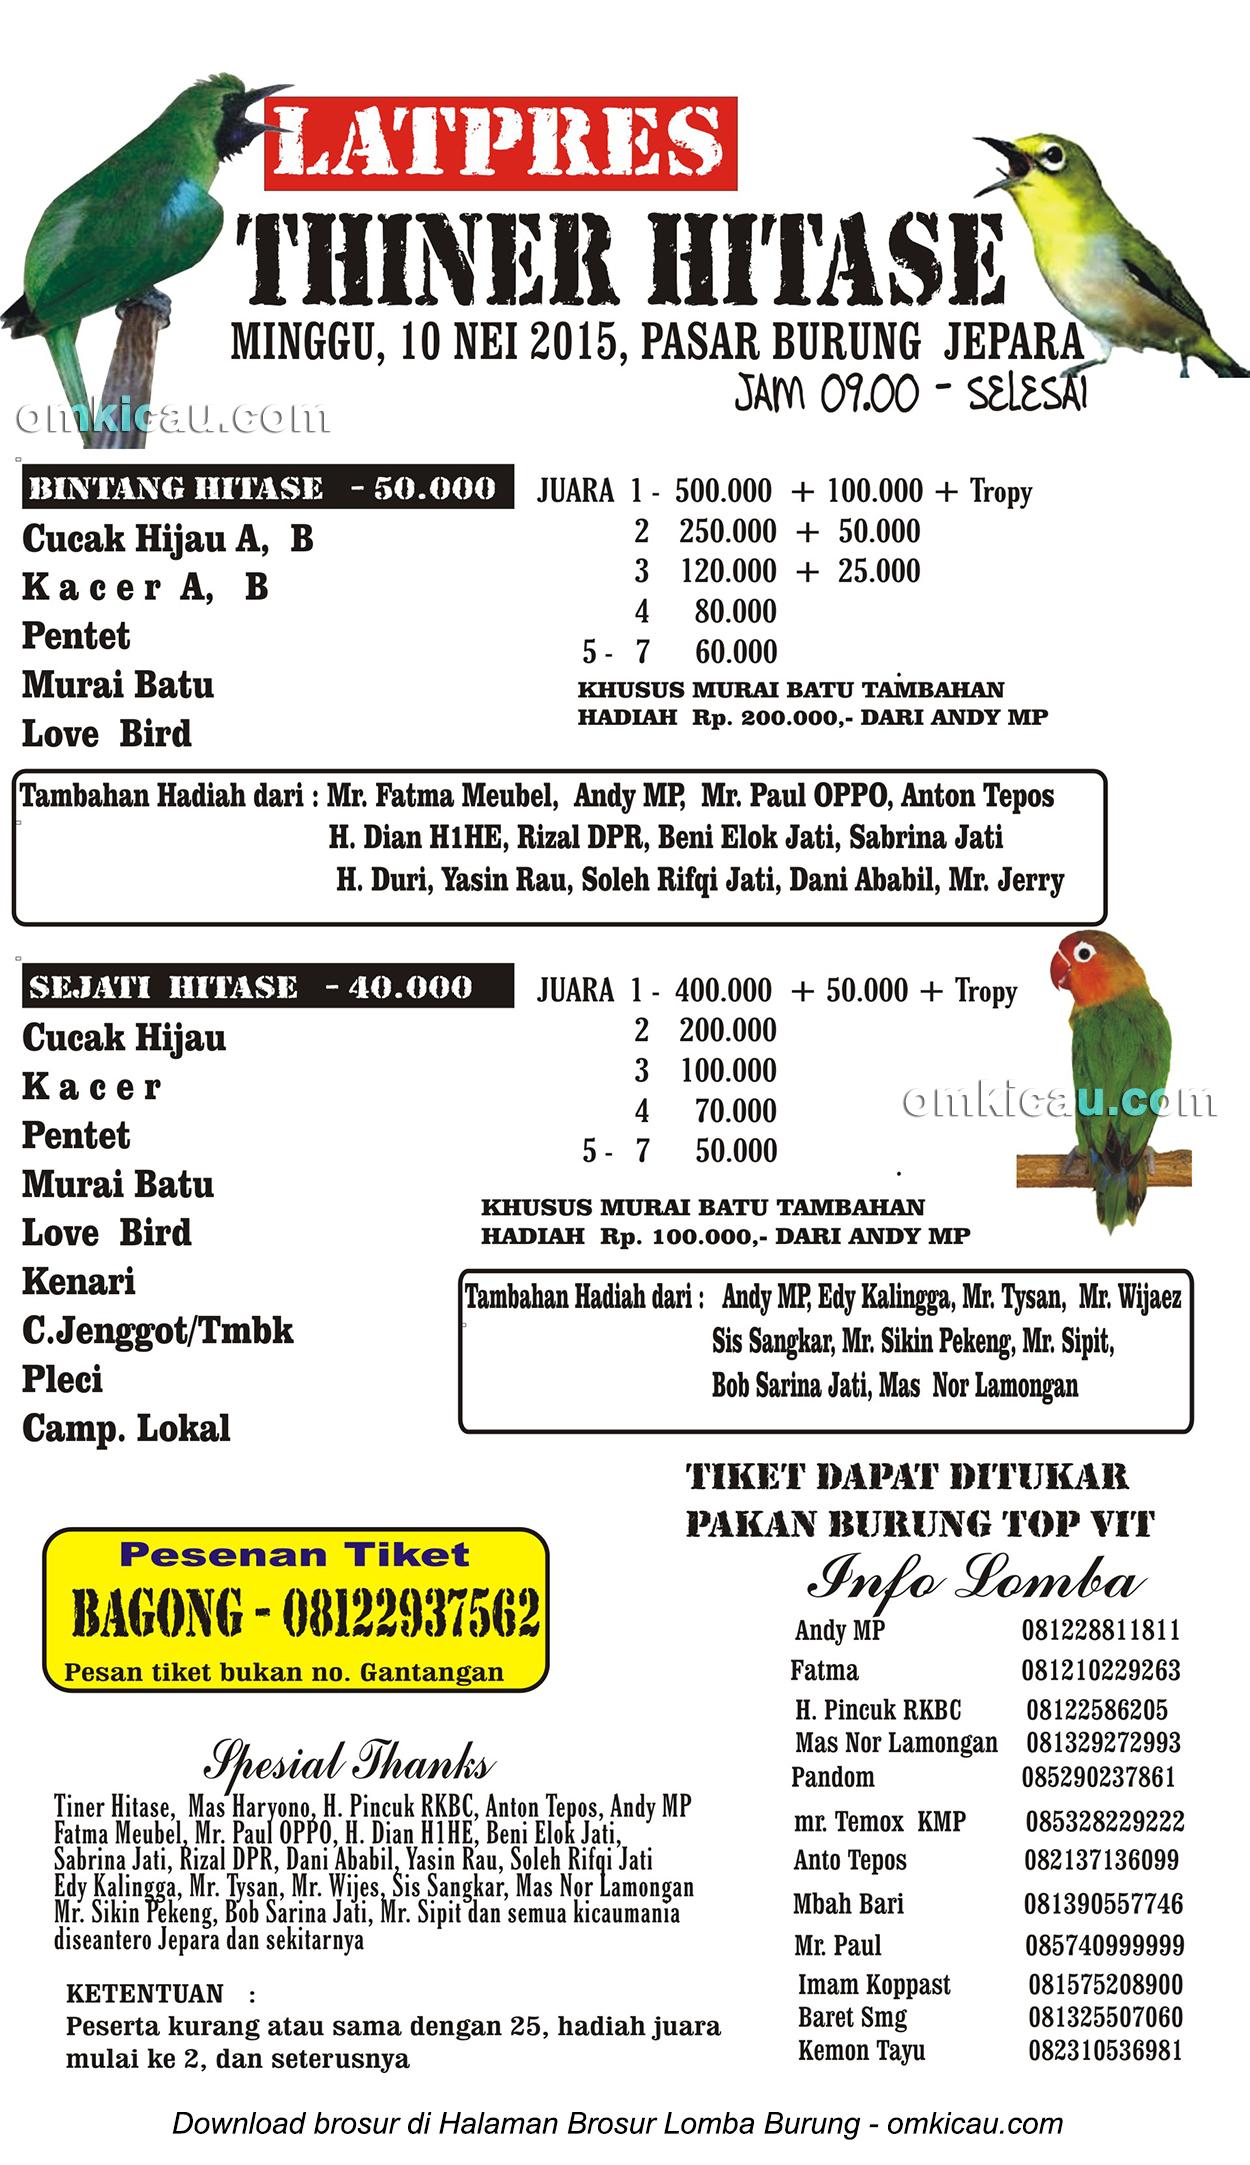 Brosur Latpres Burung Berkicau Thiner Hitase di Jepara, 10 Mei 2015